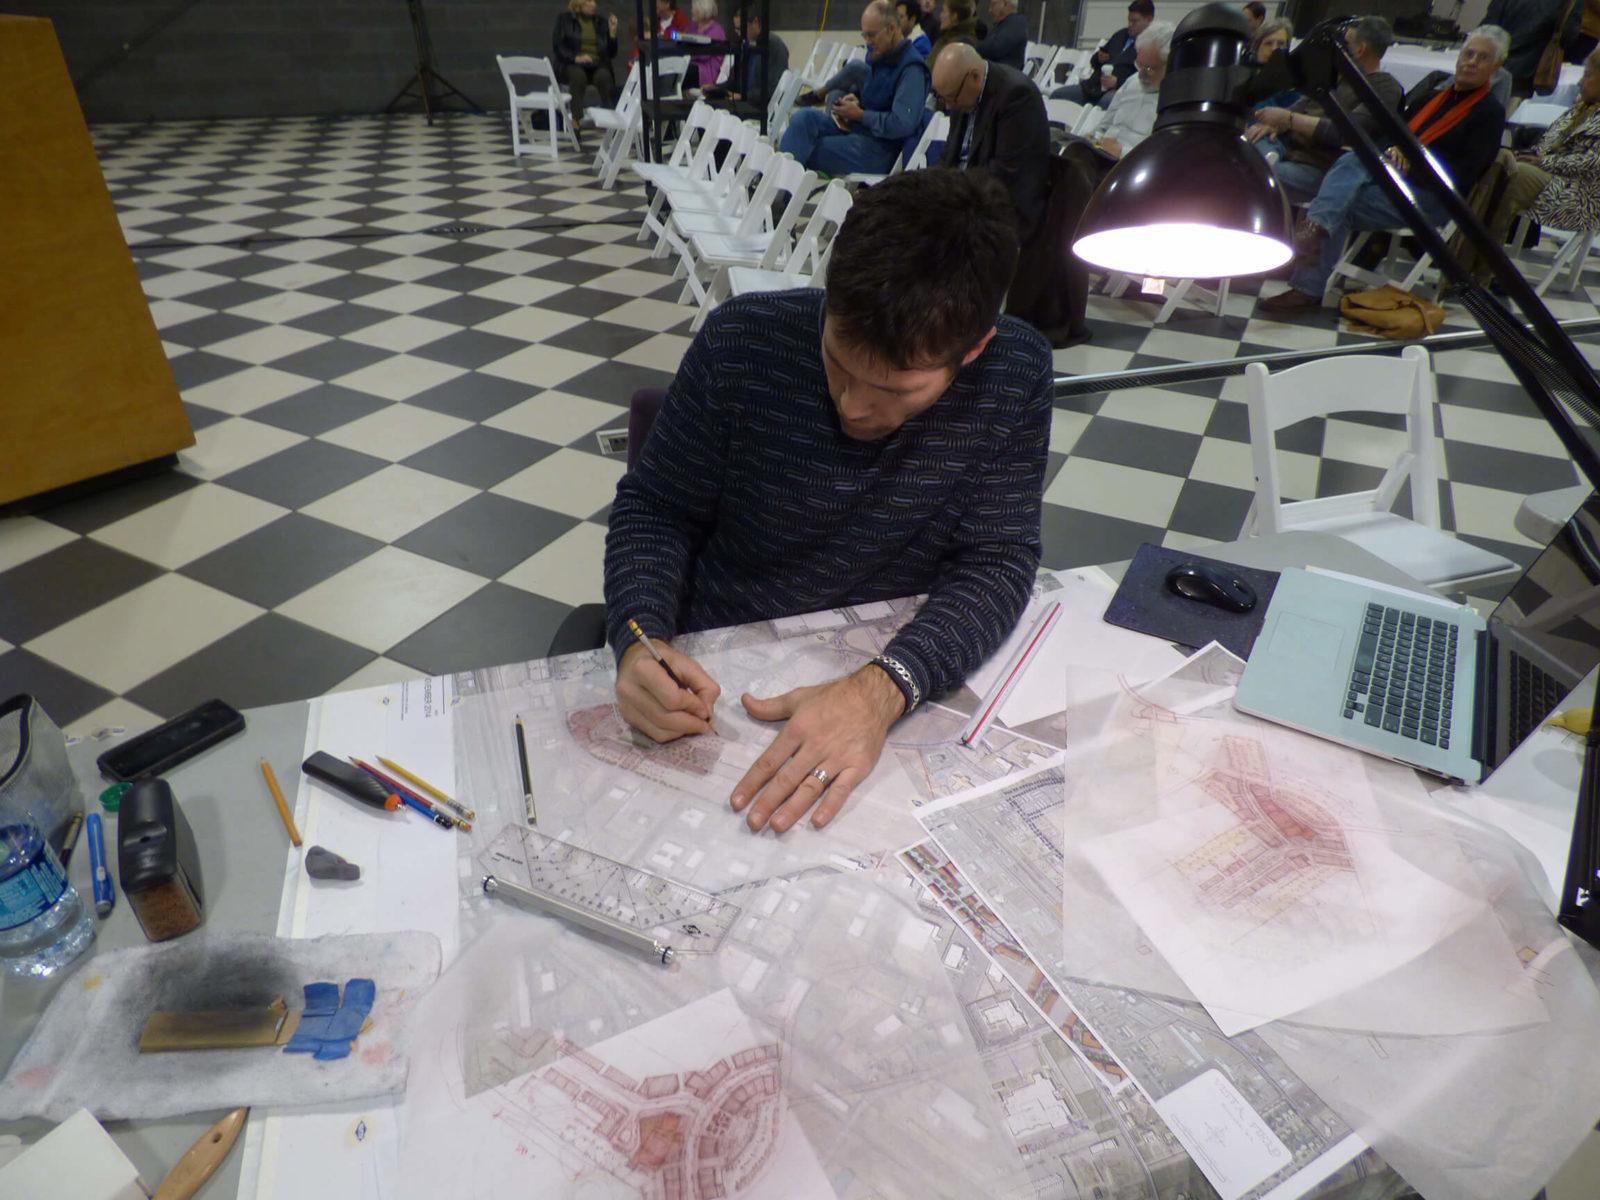 DPZ staff works on engineered designs at Vista Field Charrette.